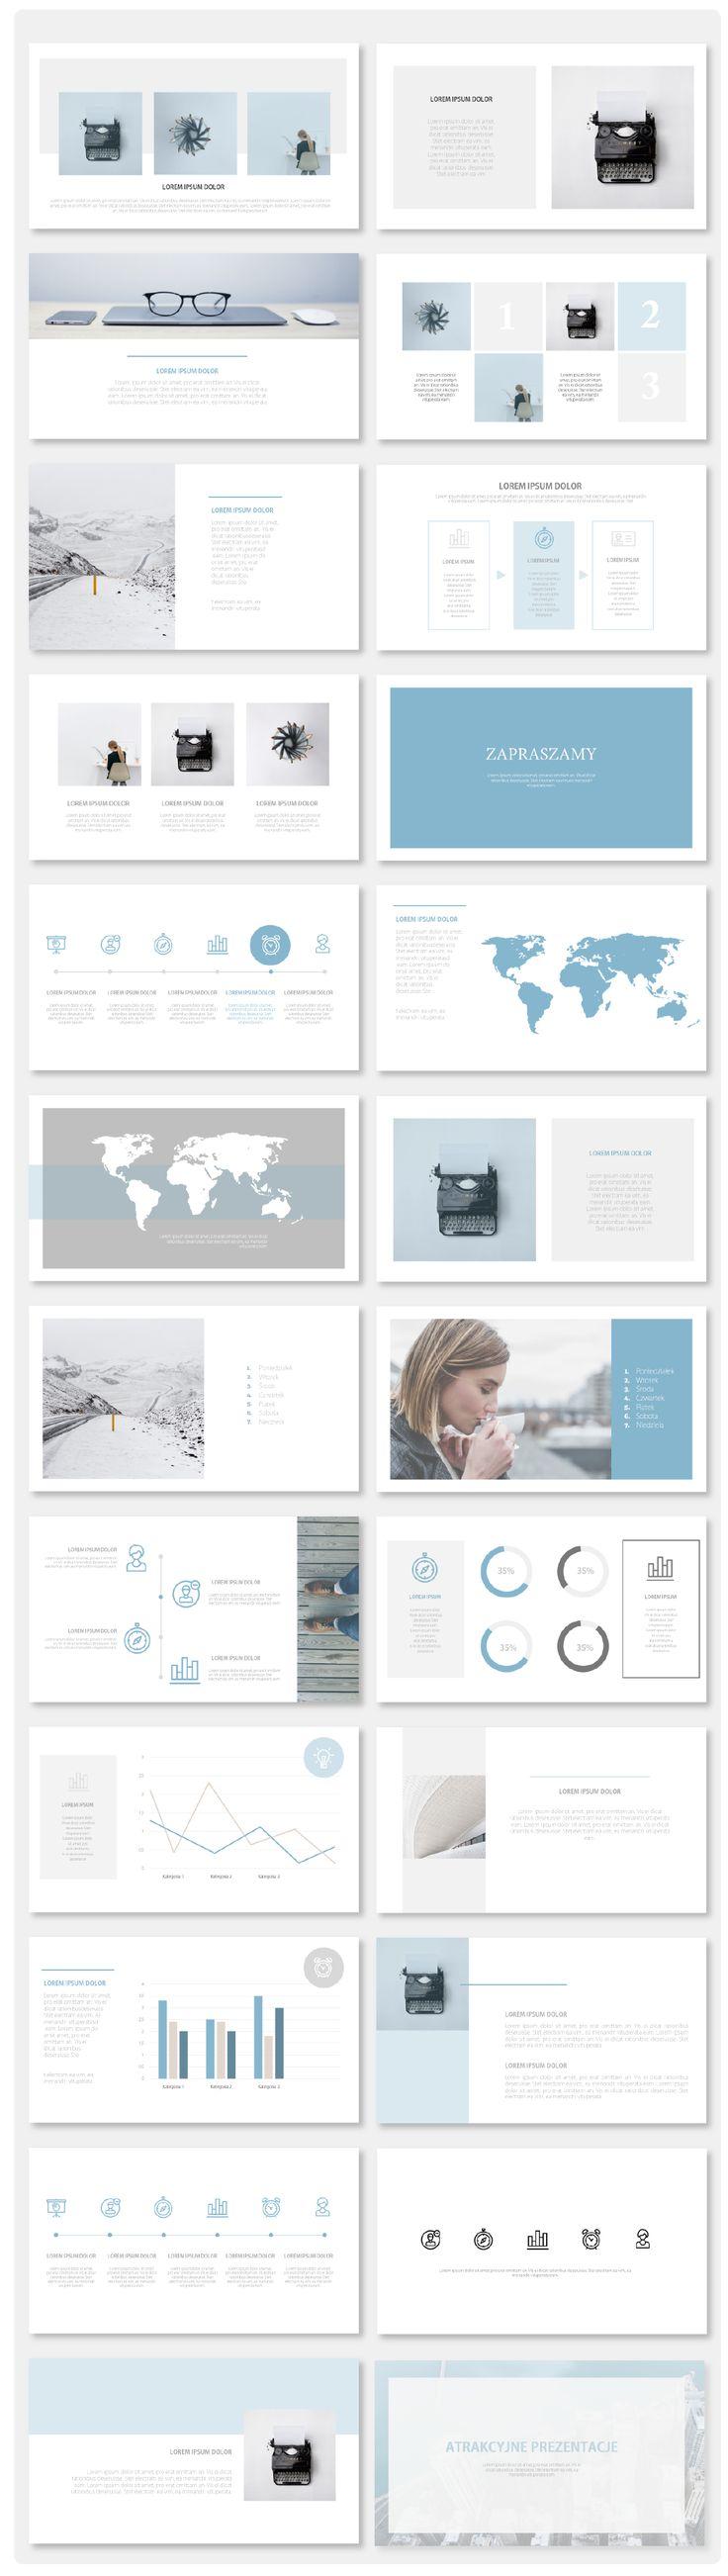 Lekkie i minimalistyczne slajdy w odcieniach błękitu uzupełnione ciepłą szarością. Szablon dopełniają ikony, pasujące do charakteru prezentacji. Poniższy szablon doskonale sprawdzi się w promocji marek i produktów, które mają kojarzyć się z nowoczesnością i świeżością.